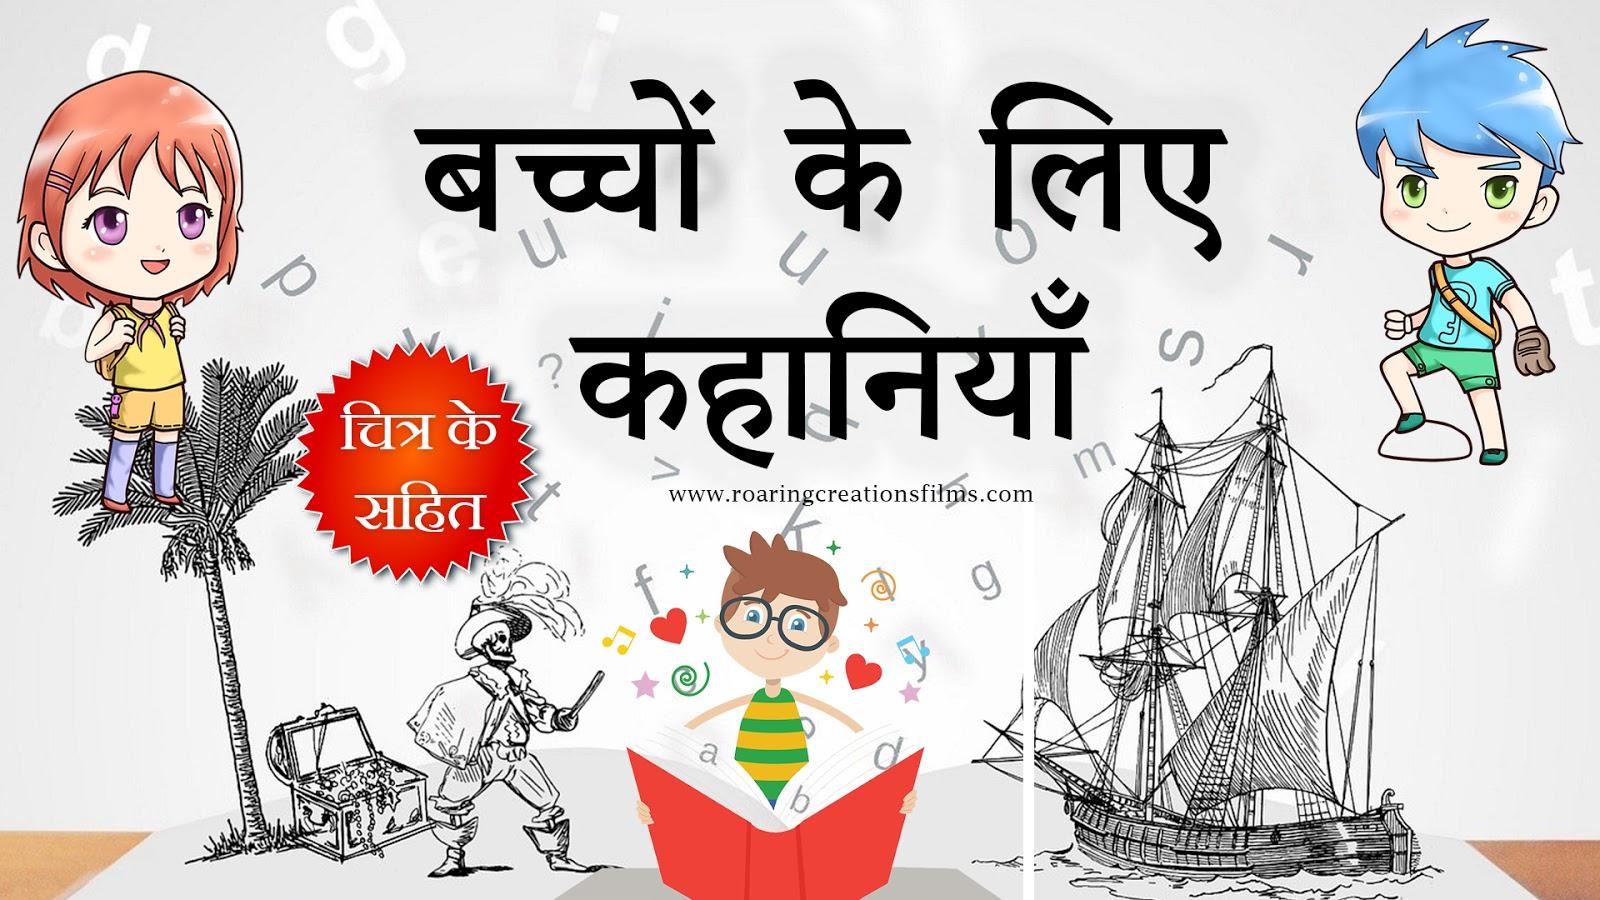 बच्चों के लिए कहानियाँ - Story for Kids in Hindi - Kids Stories in Hindi